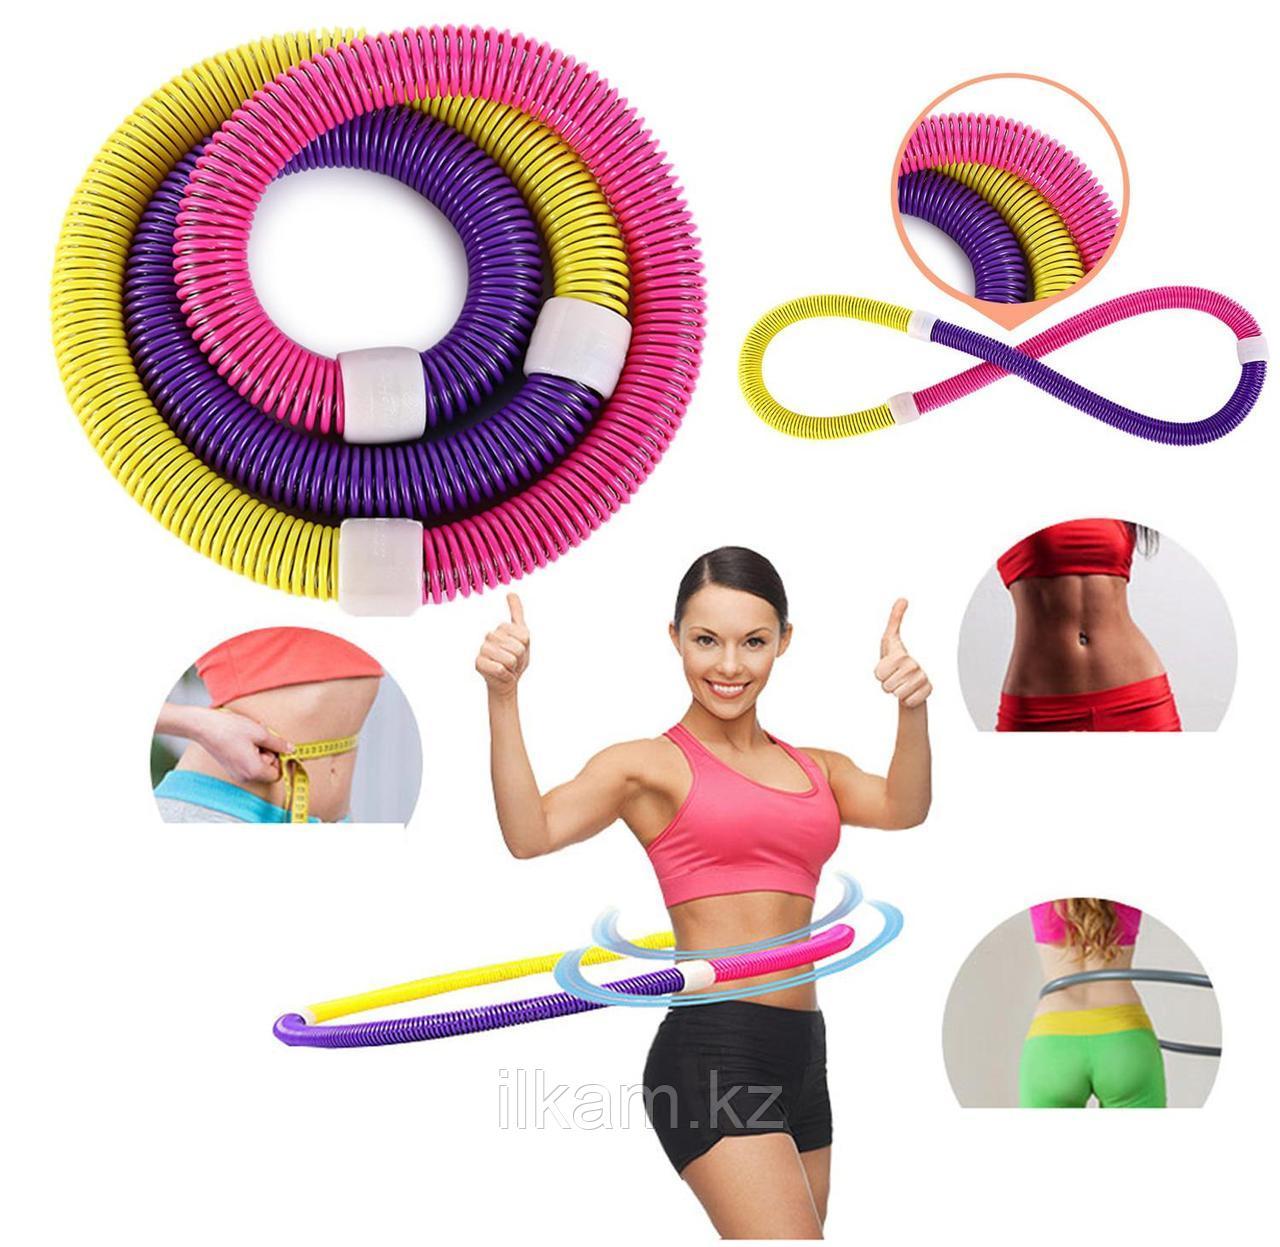 Обручи для фитнеса